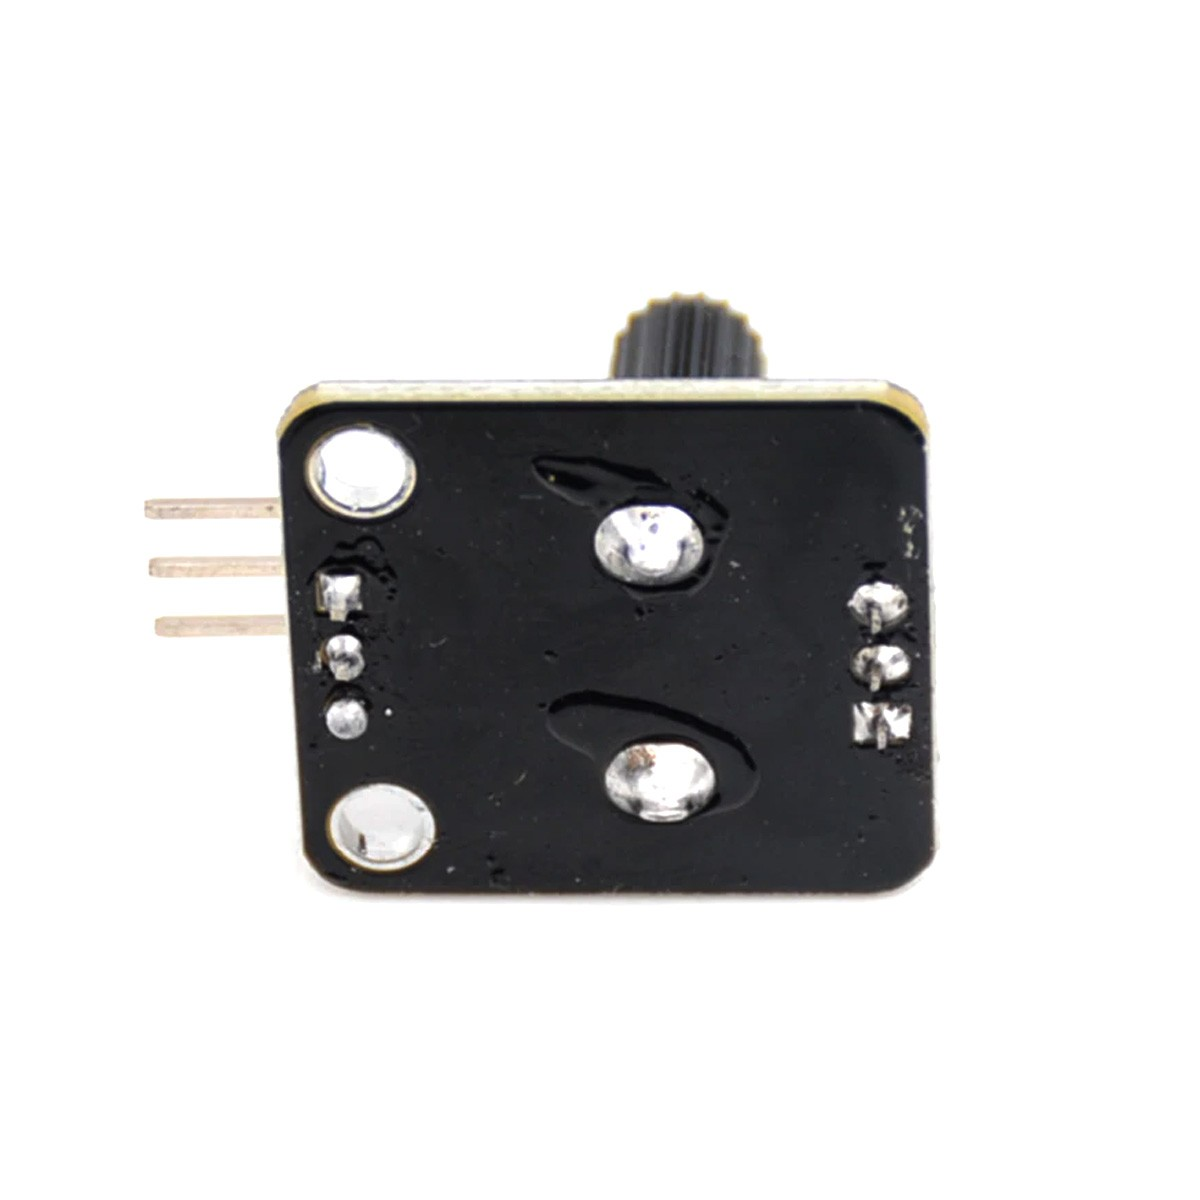 Módulo Potenciômetro Rotativo resistência 20k e ângulo de rotação 270 graus